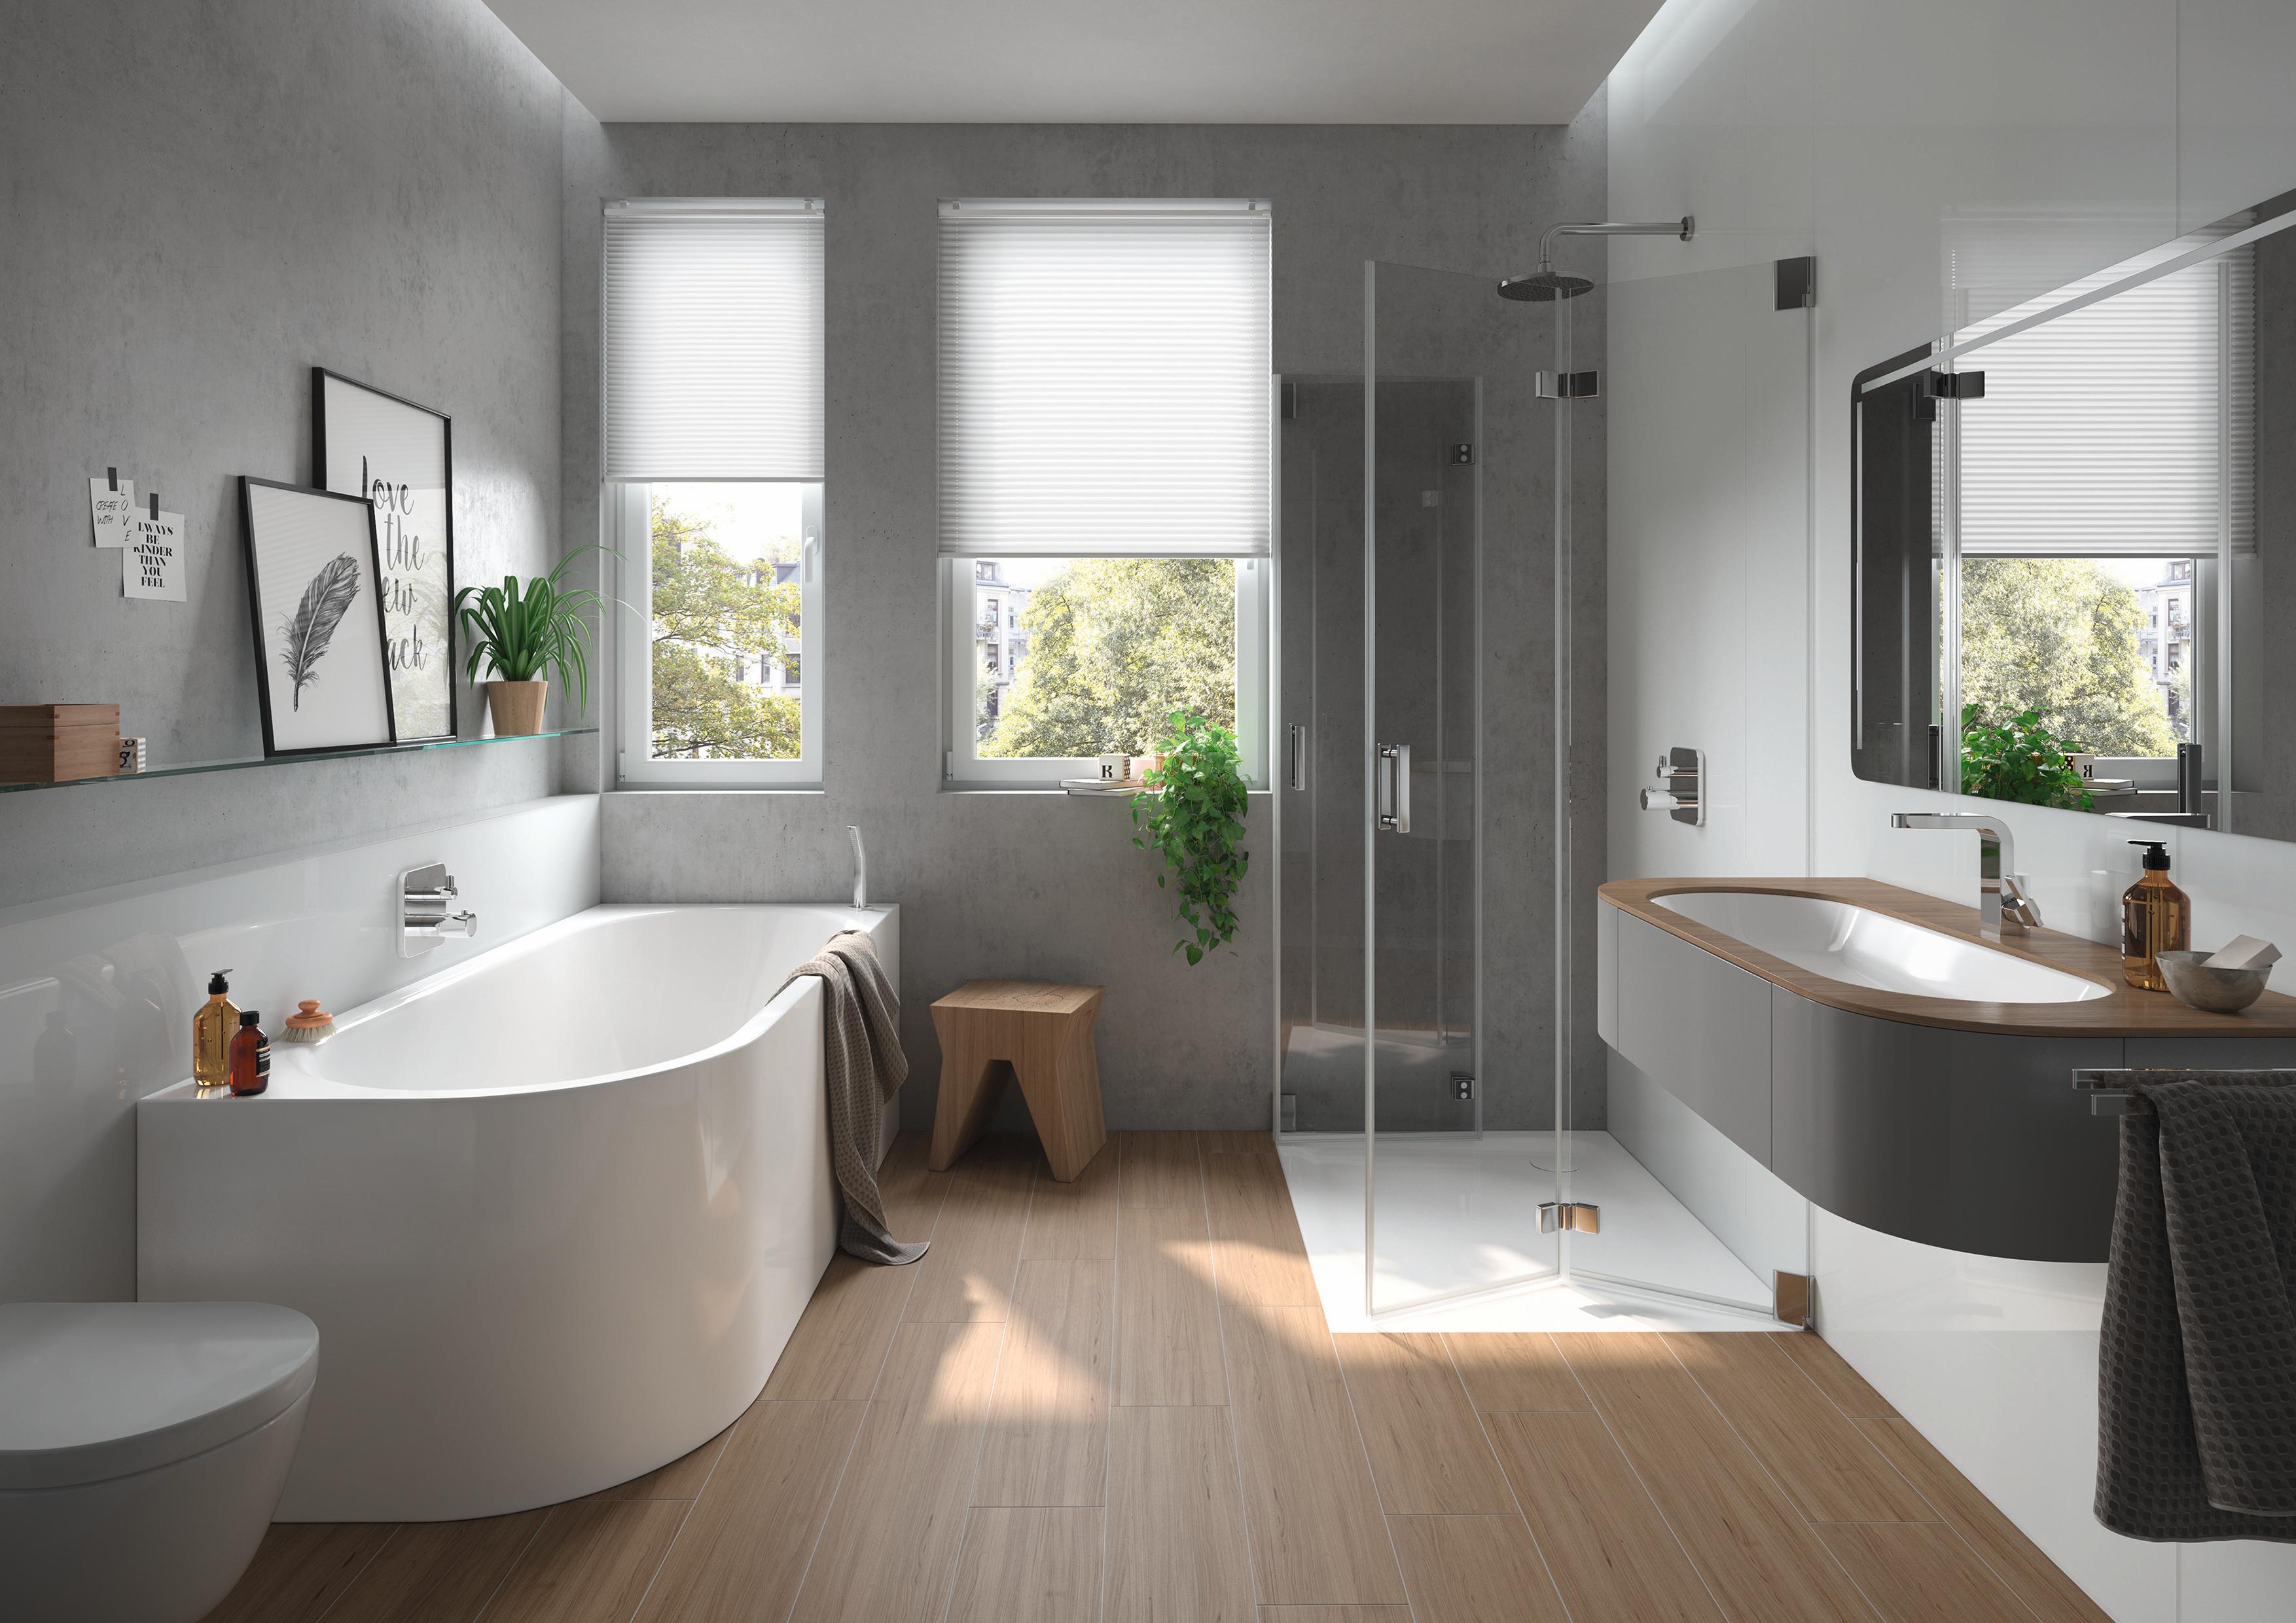 Jak wybrać kabinę prysznicową? Jakie najlepsze kabiny prysznicowe